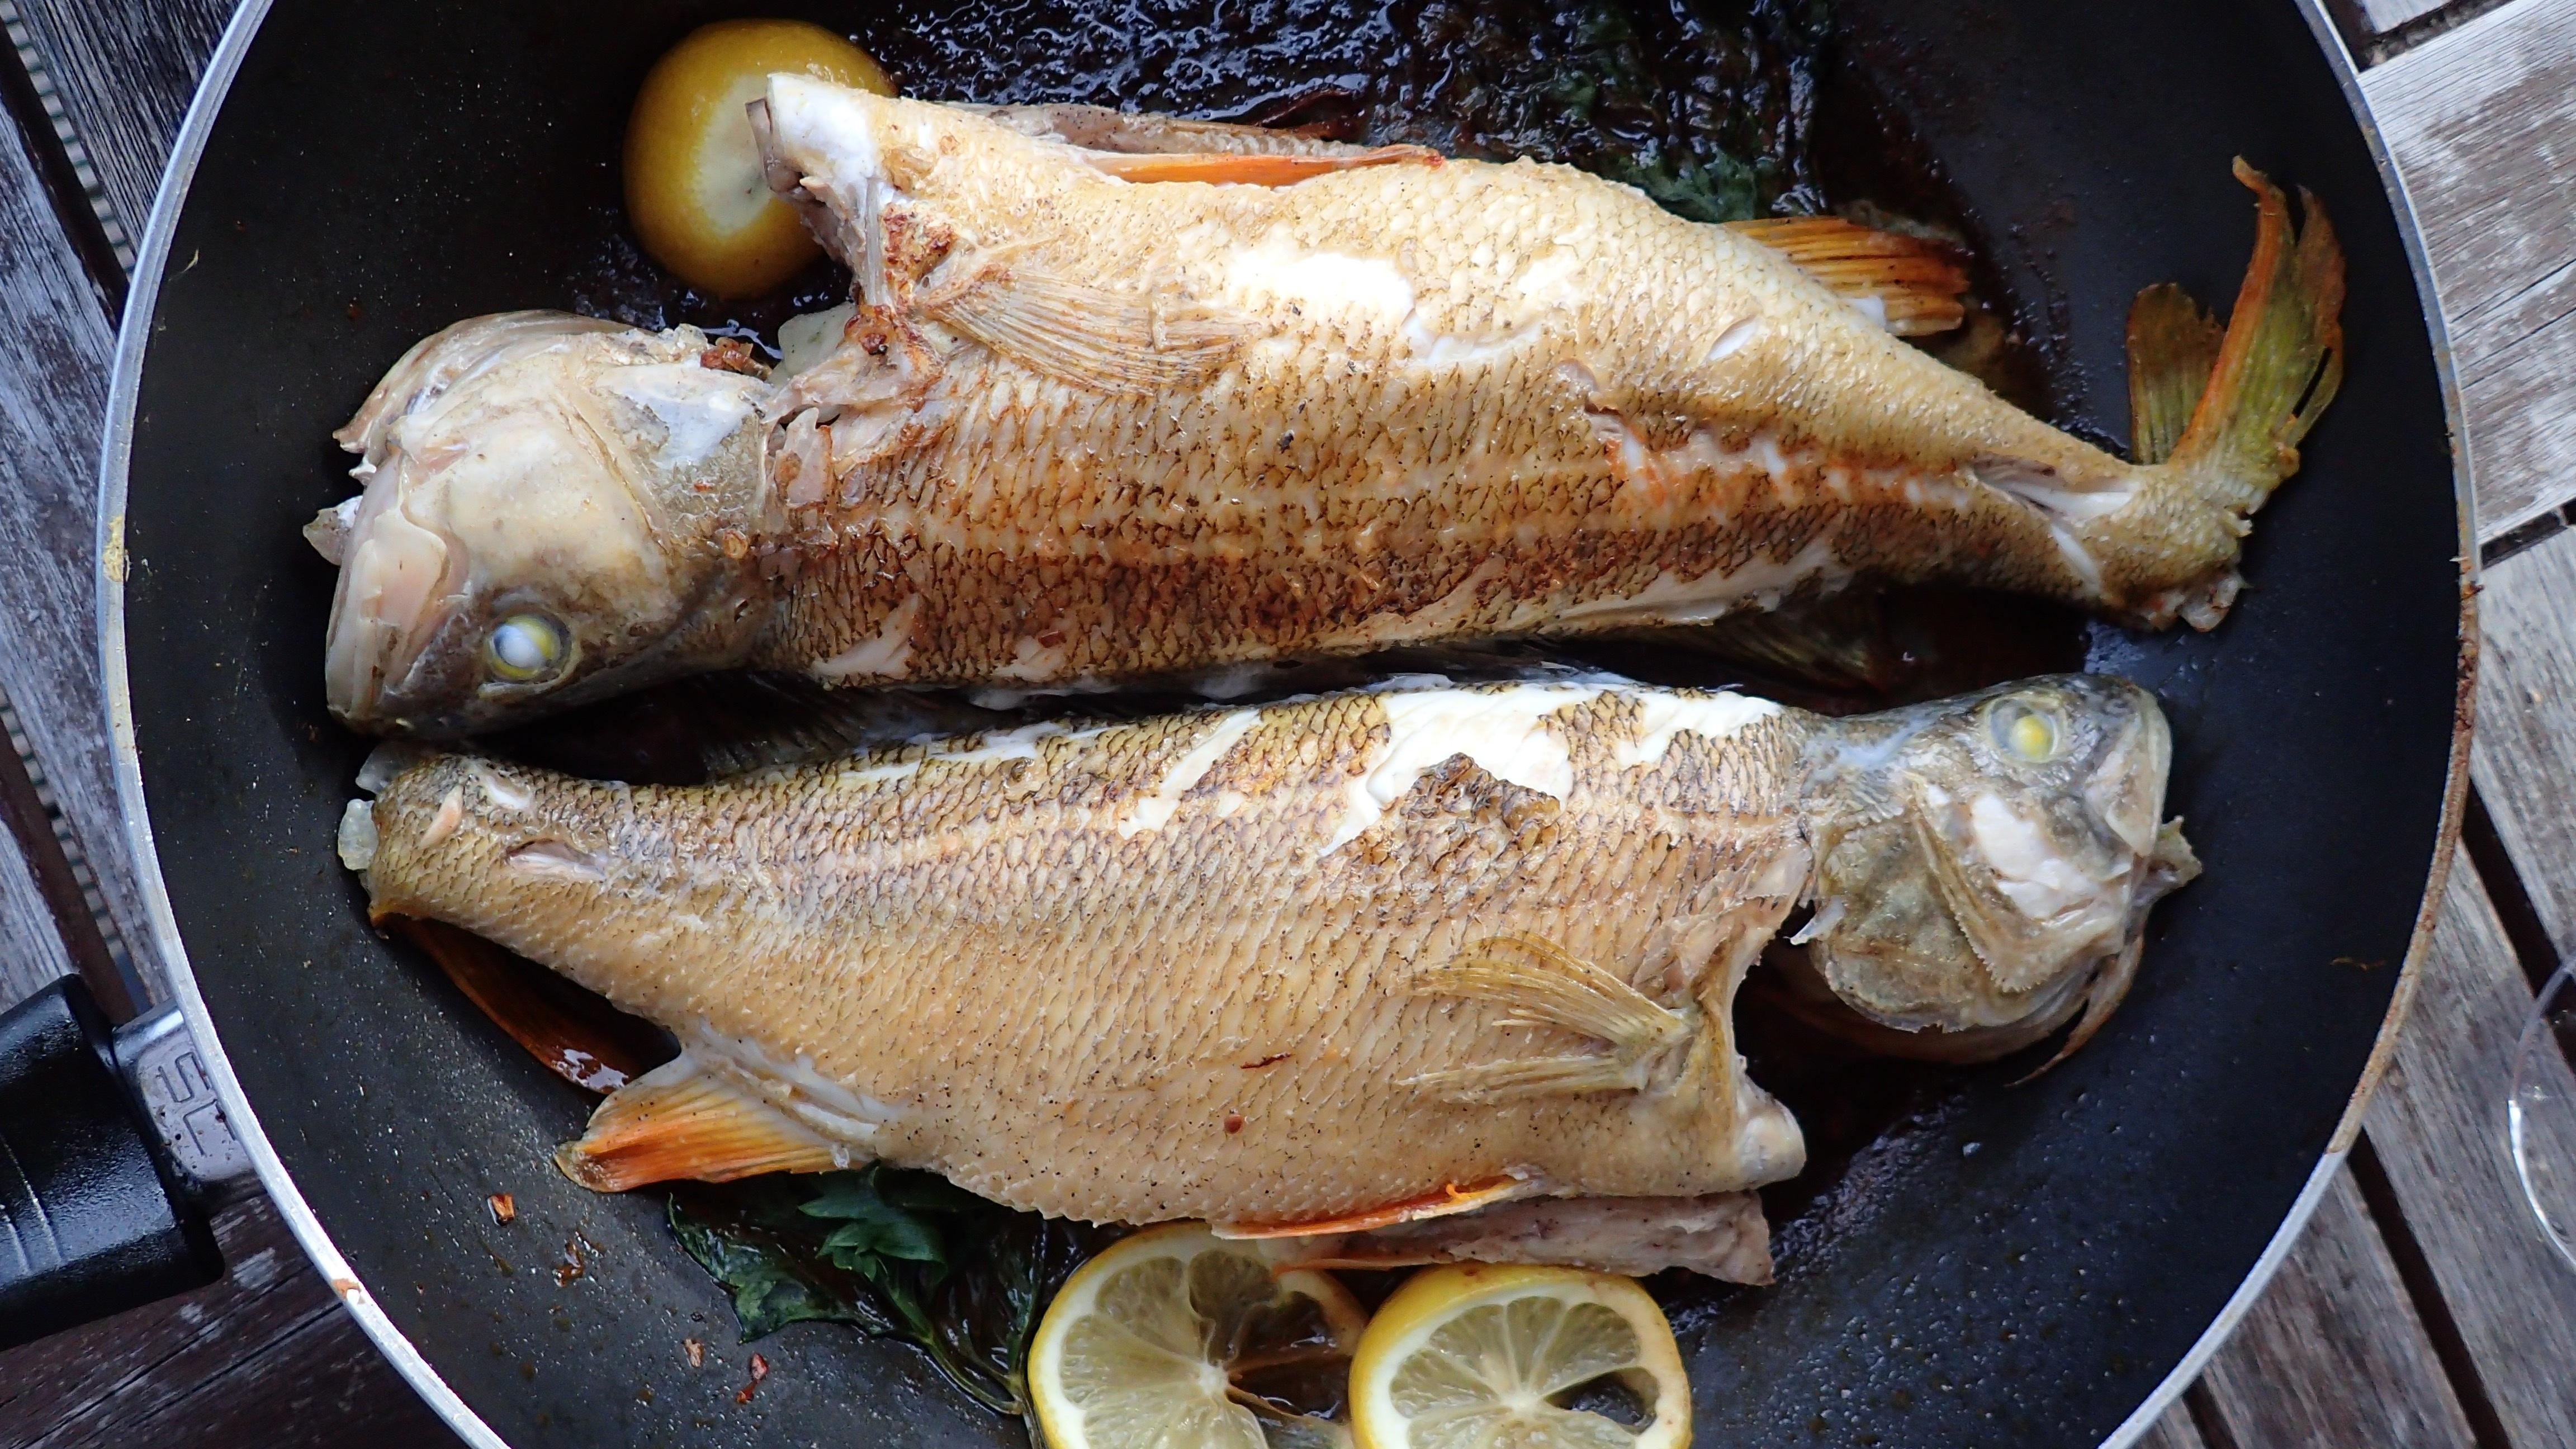 무료 이미지 요리 식품 물고기 맛있는 팬 메인 코스 튀김 굽는 데 알맞은